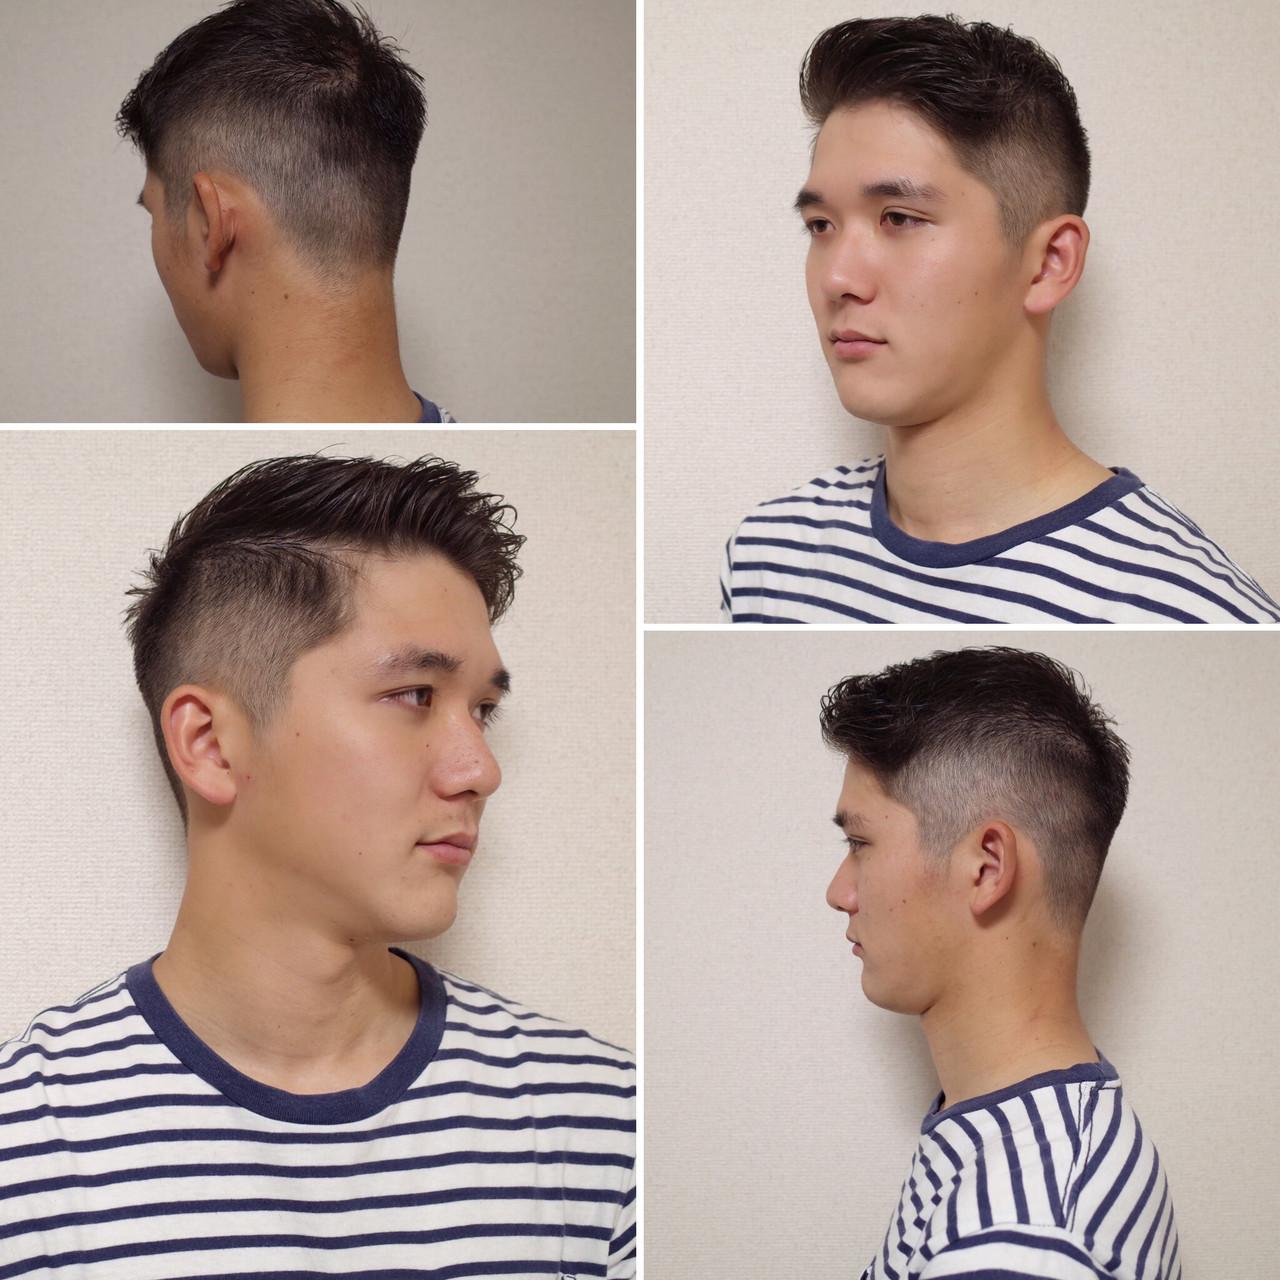 ショート メンズショート ツーブロック メンズヘア ヘアスタイルや髪型の写真・画像   刈り上げ・2ブロック専門美容師 ヤマモトカズヒコ / MEN'S GROOMING SALON AOYAMA by kakimoto arms